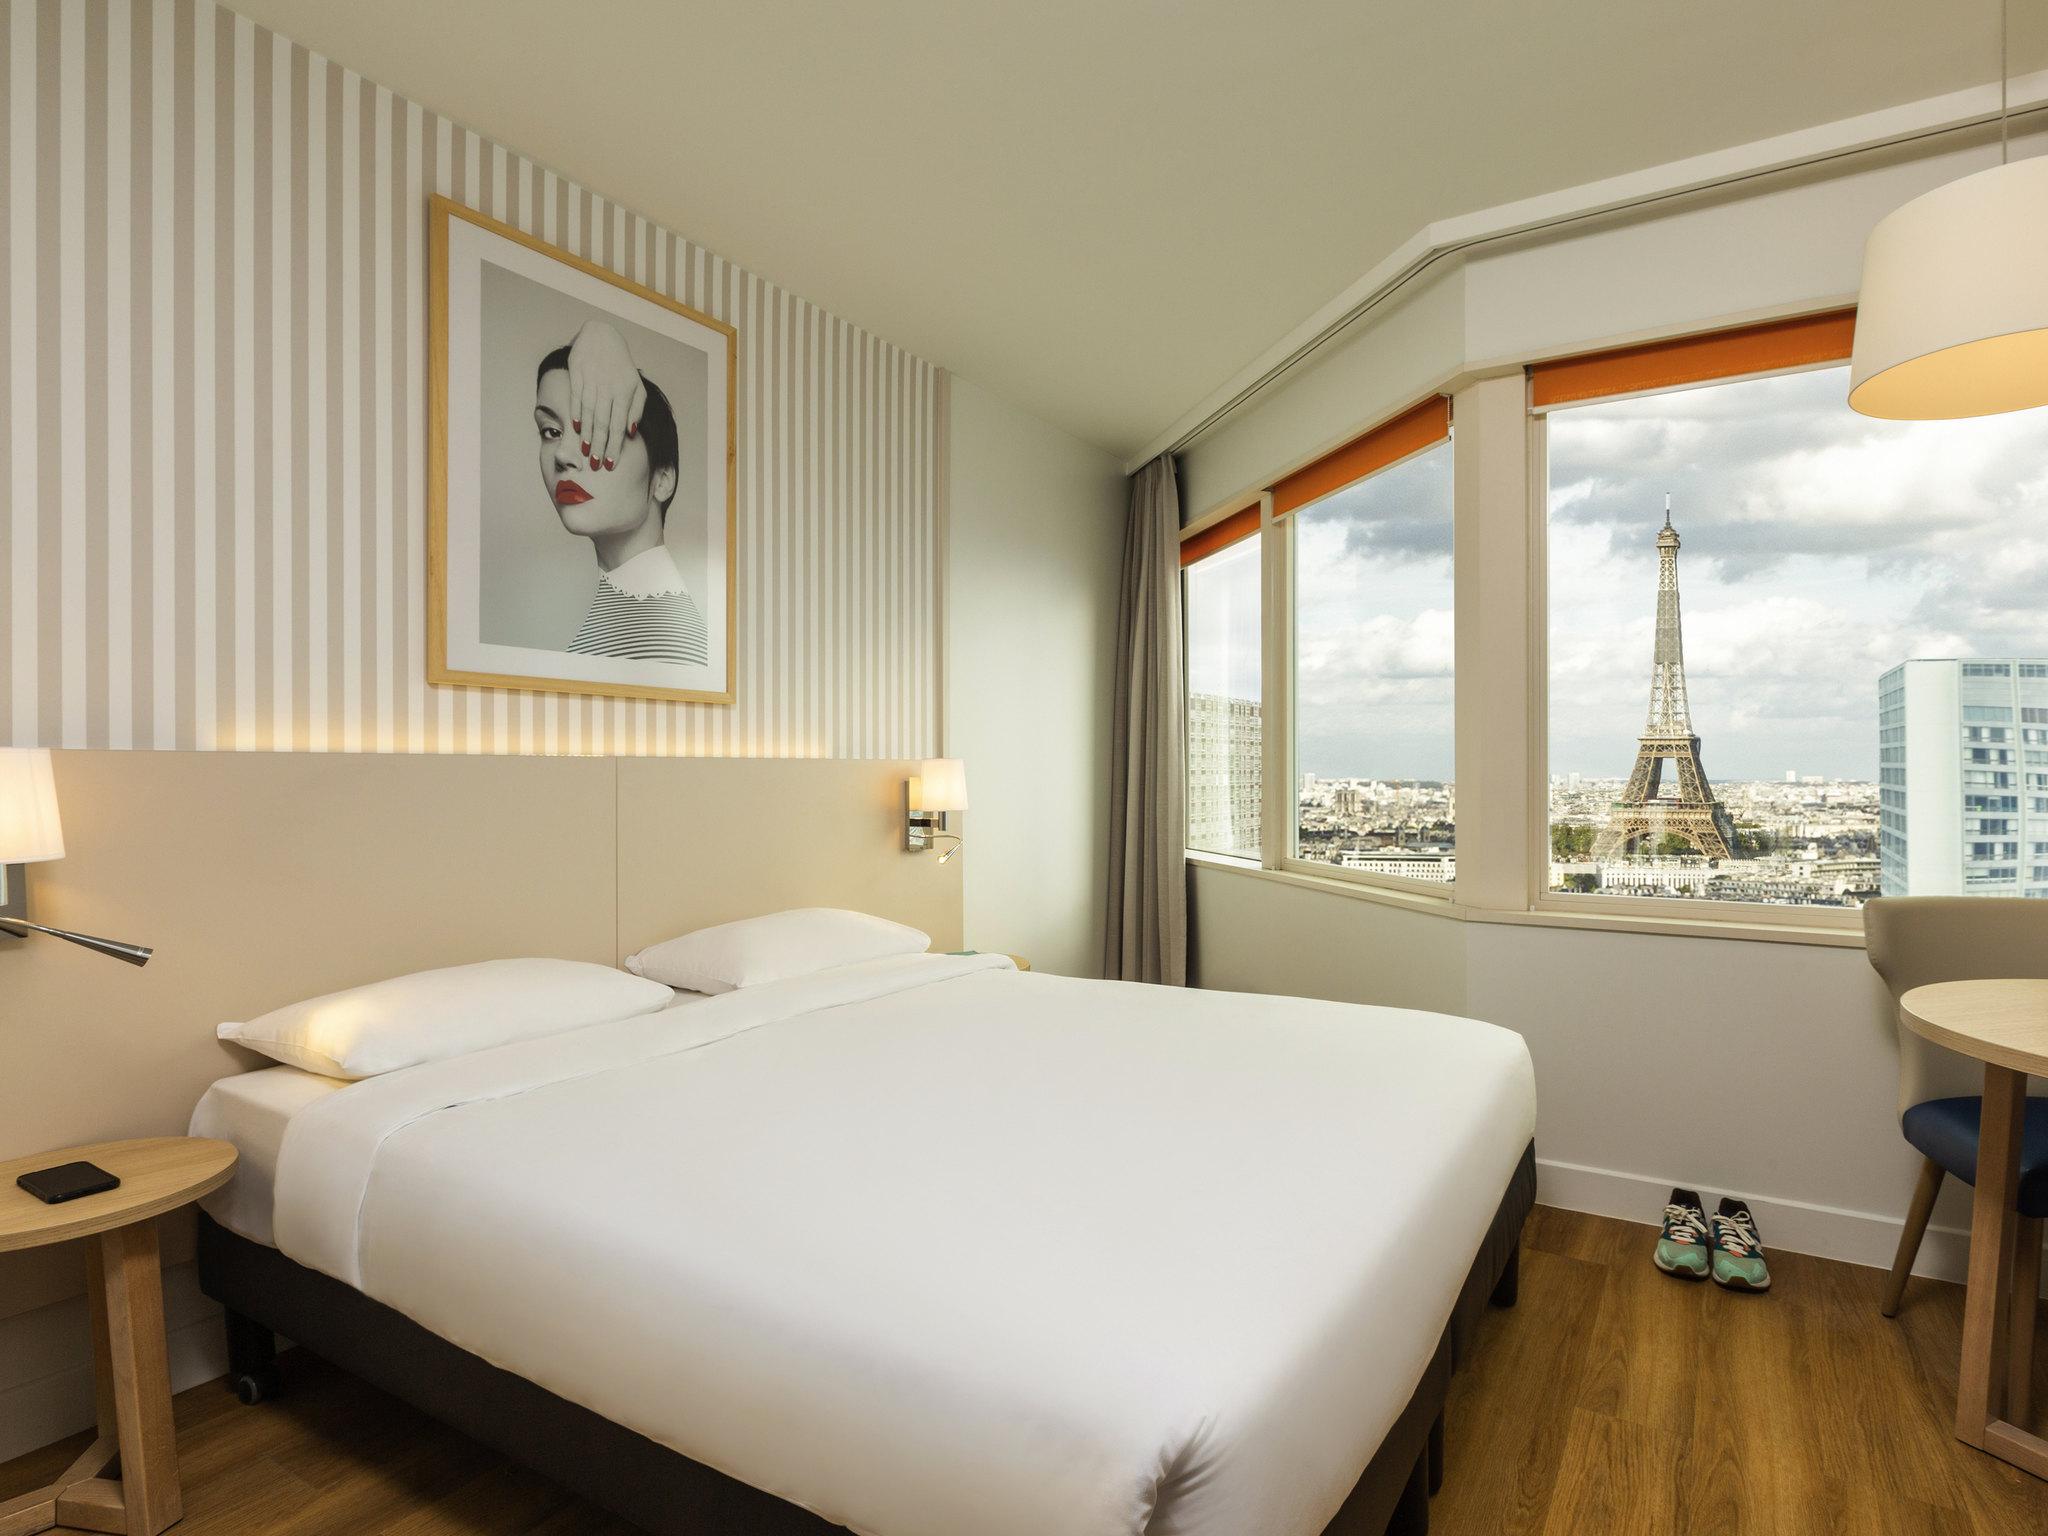 hotel in paris aparthotel adagio paris centre eiffel tower. Black Bedroom Furniture Sets. Home Design Ideas